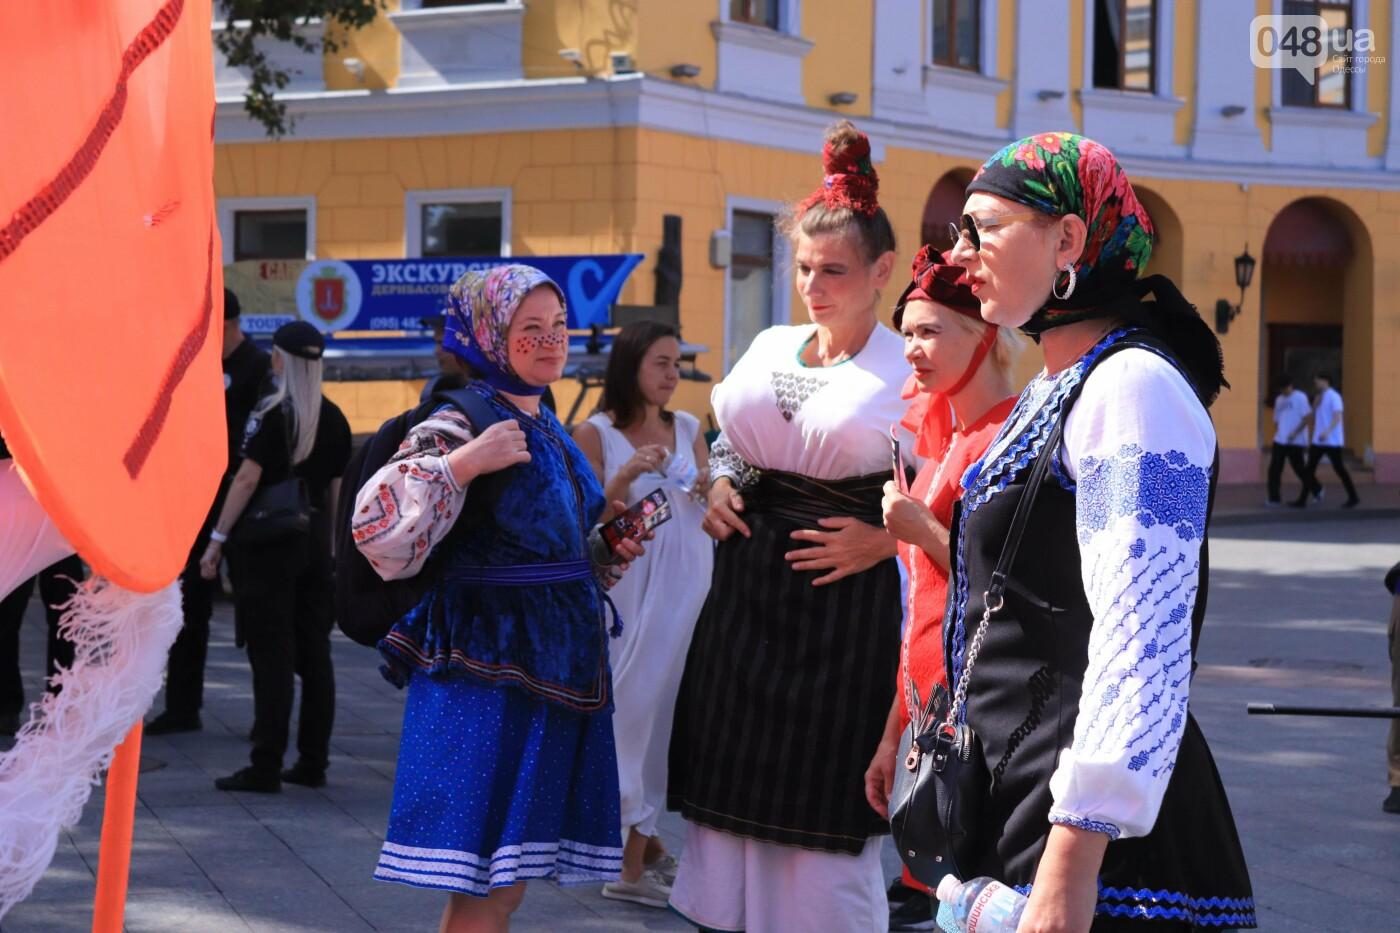 Парад клоунов в Одессе: яркая колонна шла от Дюка в Горсад, - ФОТО, ВИДЕО, СТРИМ, фото-11